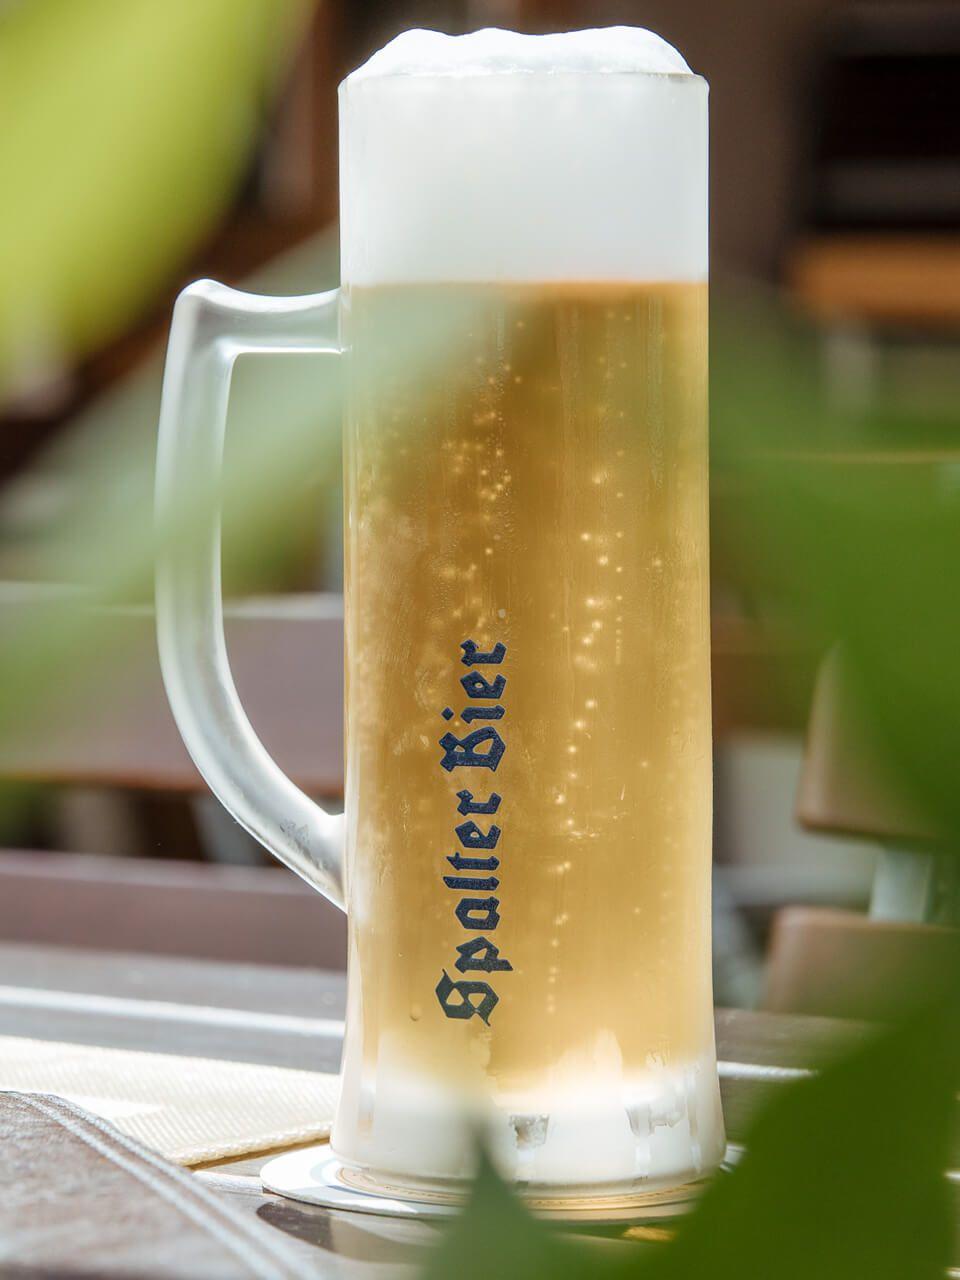 Gasthof Hoffmanns Keller